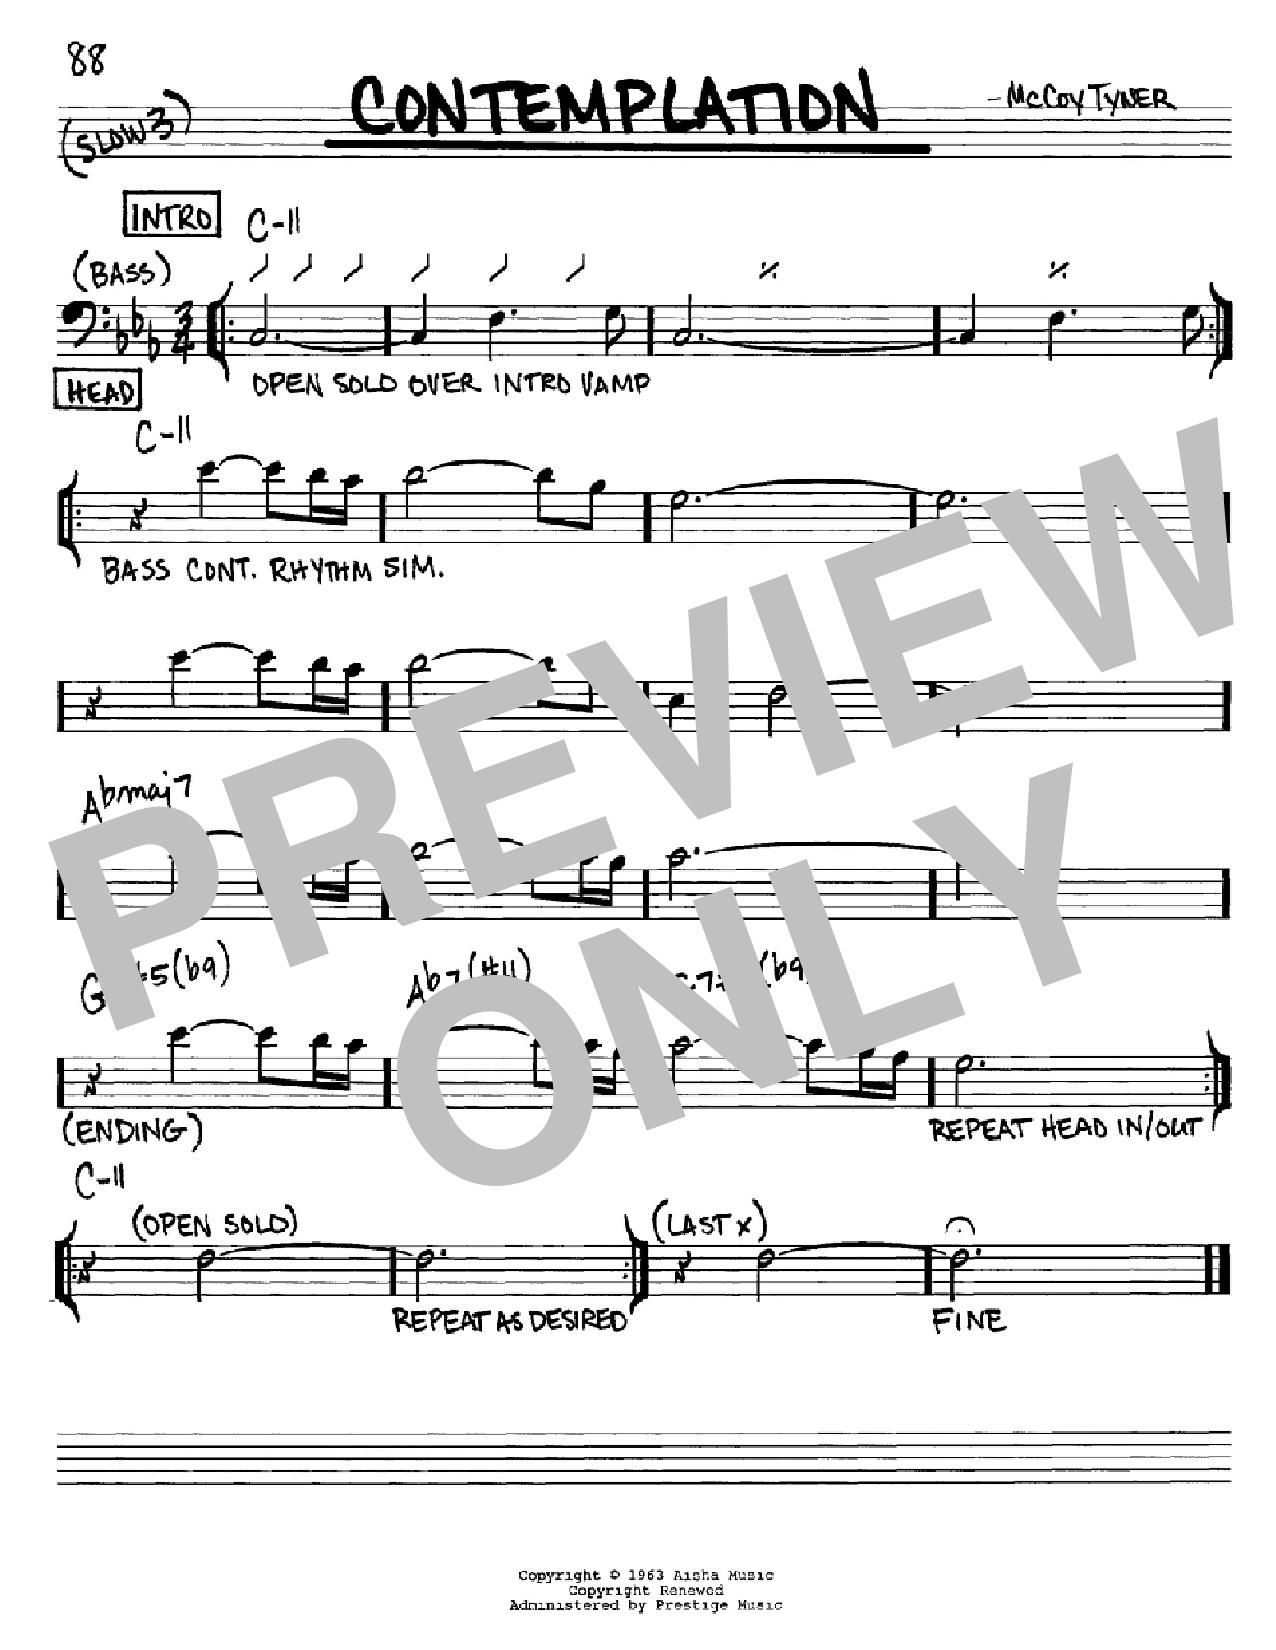 Partition autre Contemplation de McCoy Tyner - Real Book, Melodie et Accords, Inst. En cle de Fa